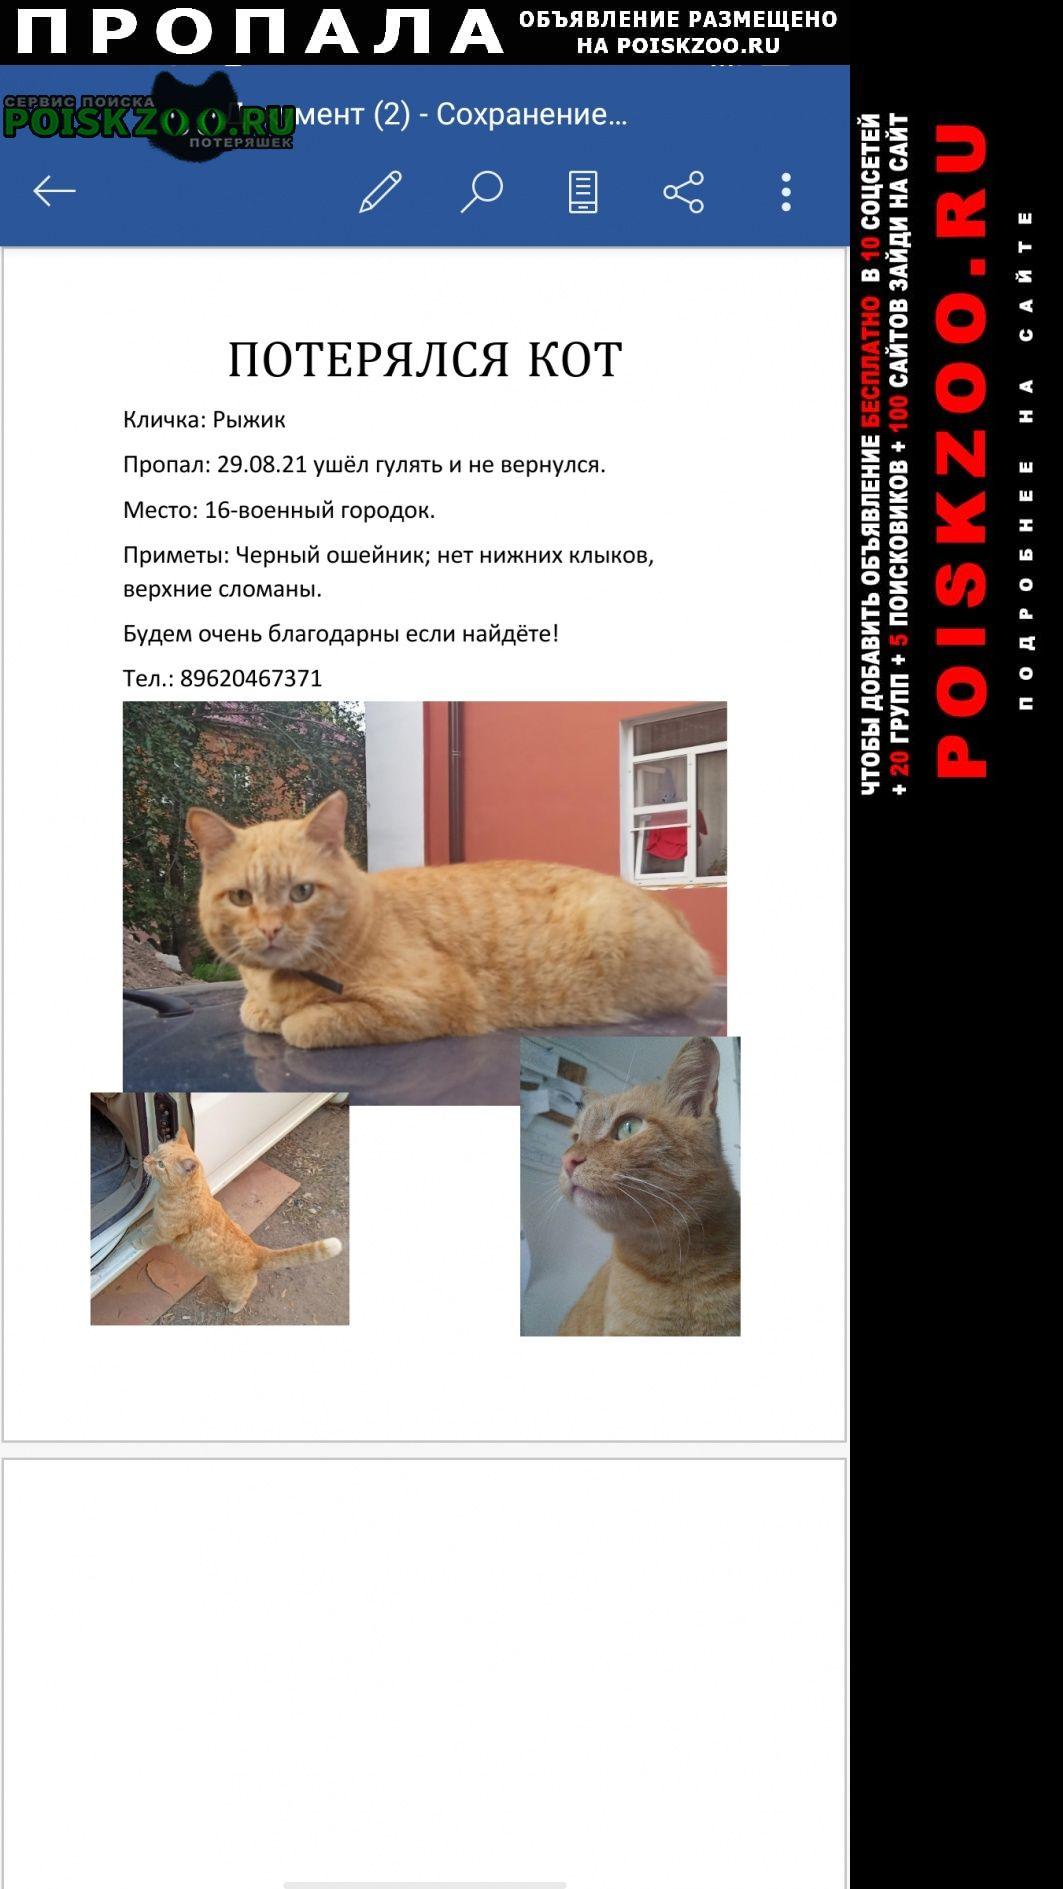 Омск Пропал кот рыжик